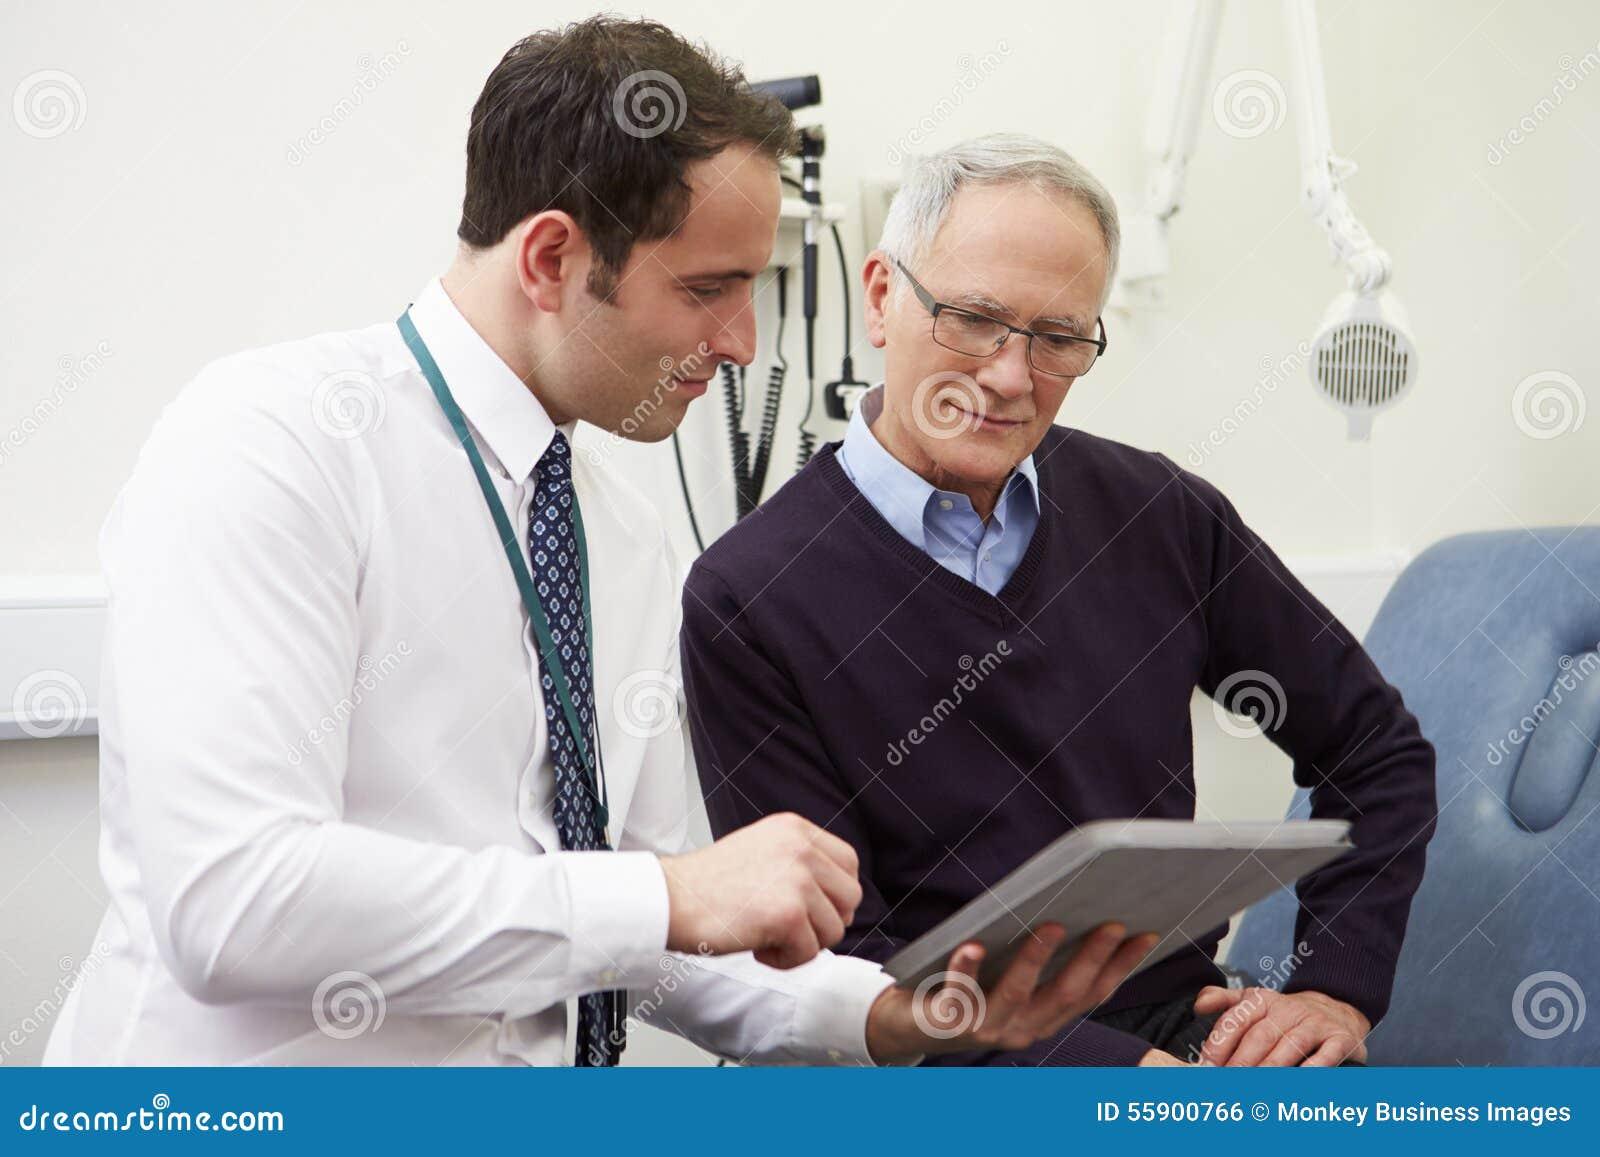 Berater-Showing Patient Test-Auswirkungen auf Digital-Tablet